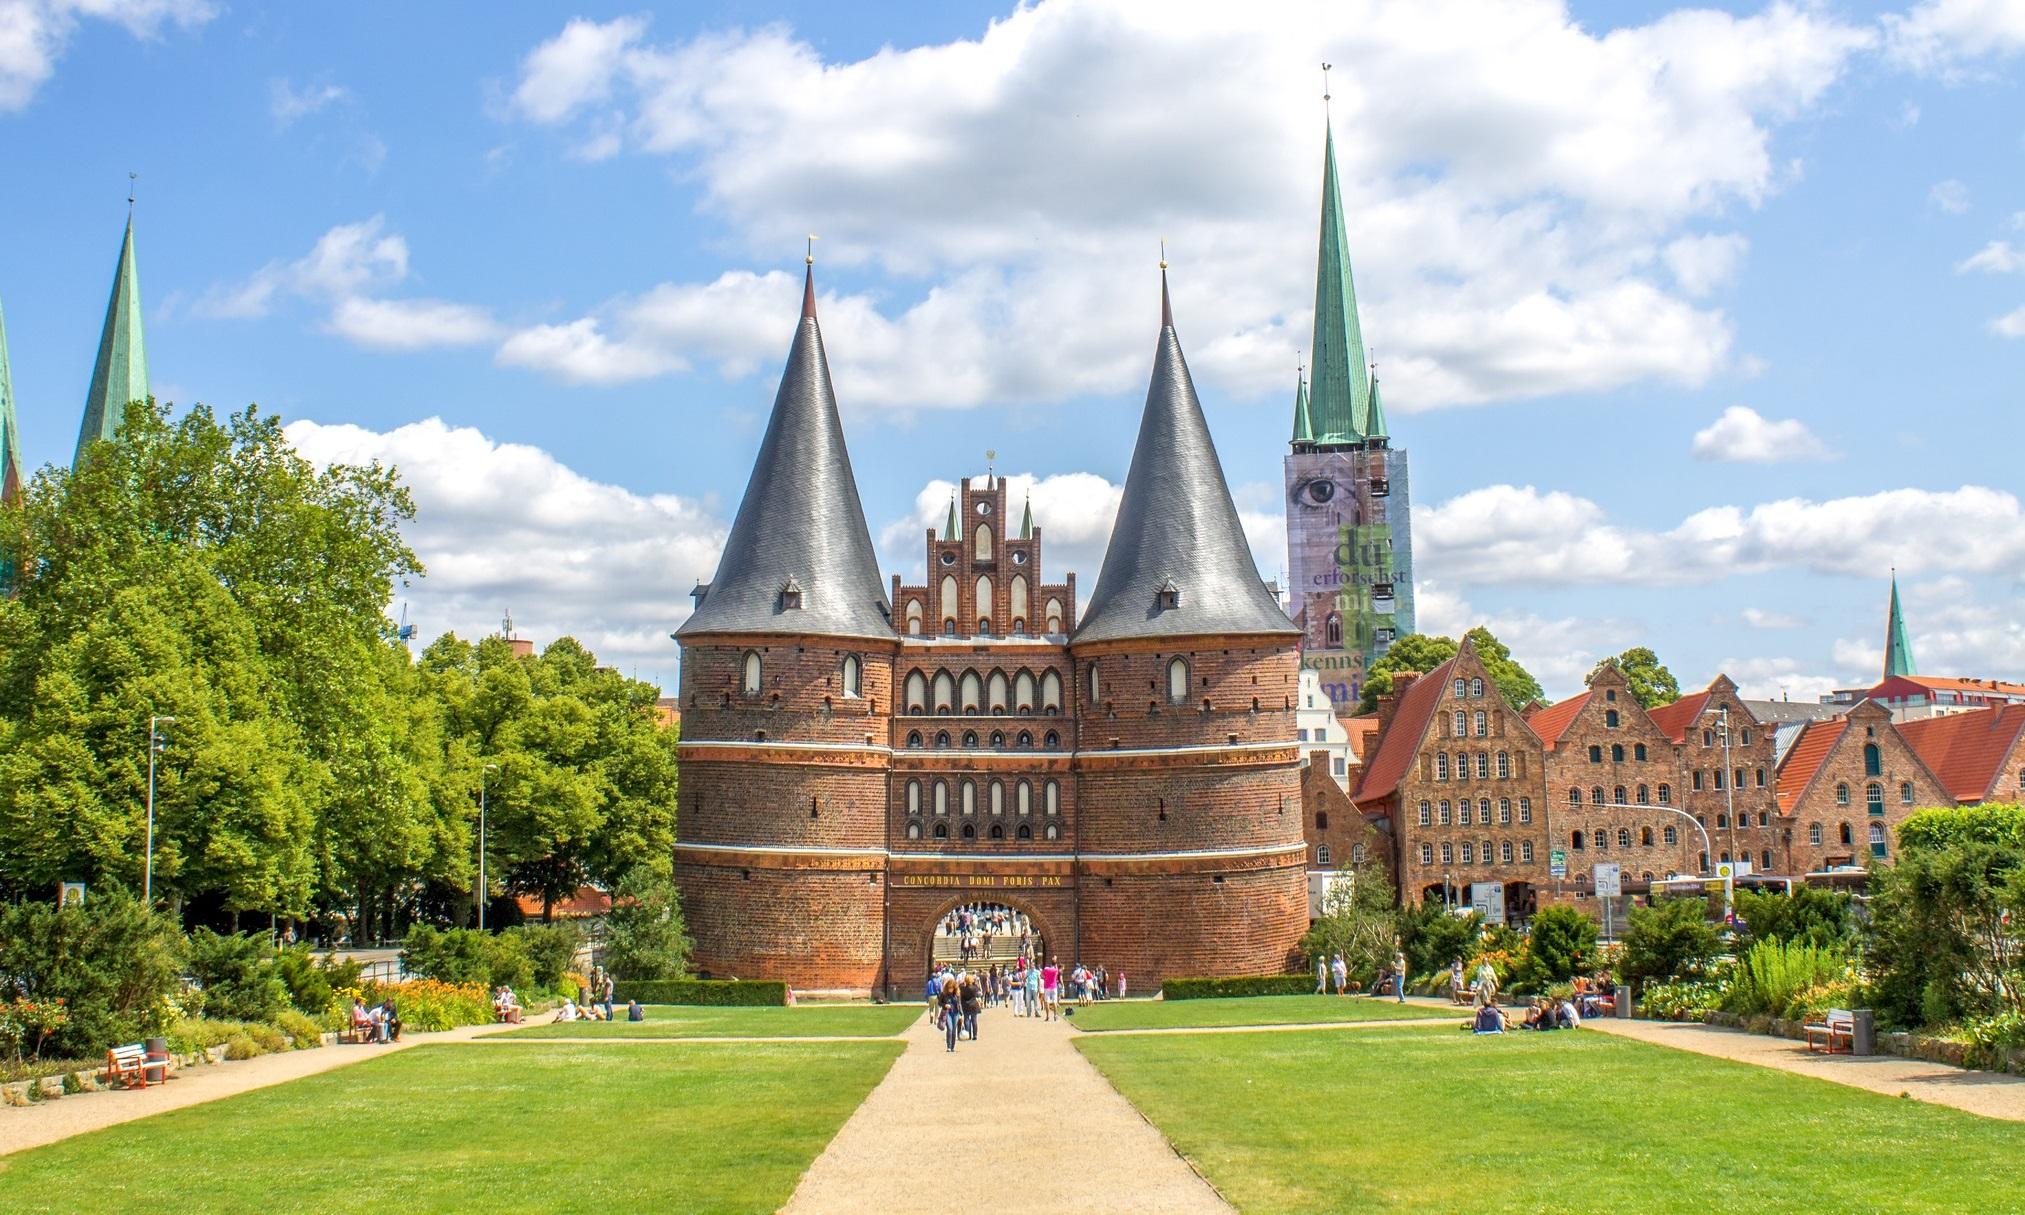 Haushaltsauflösung und Entrümpelung in Lübeck